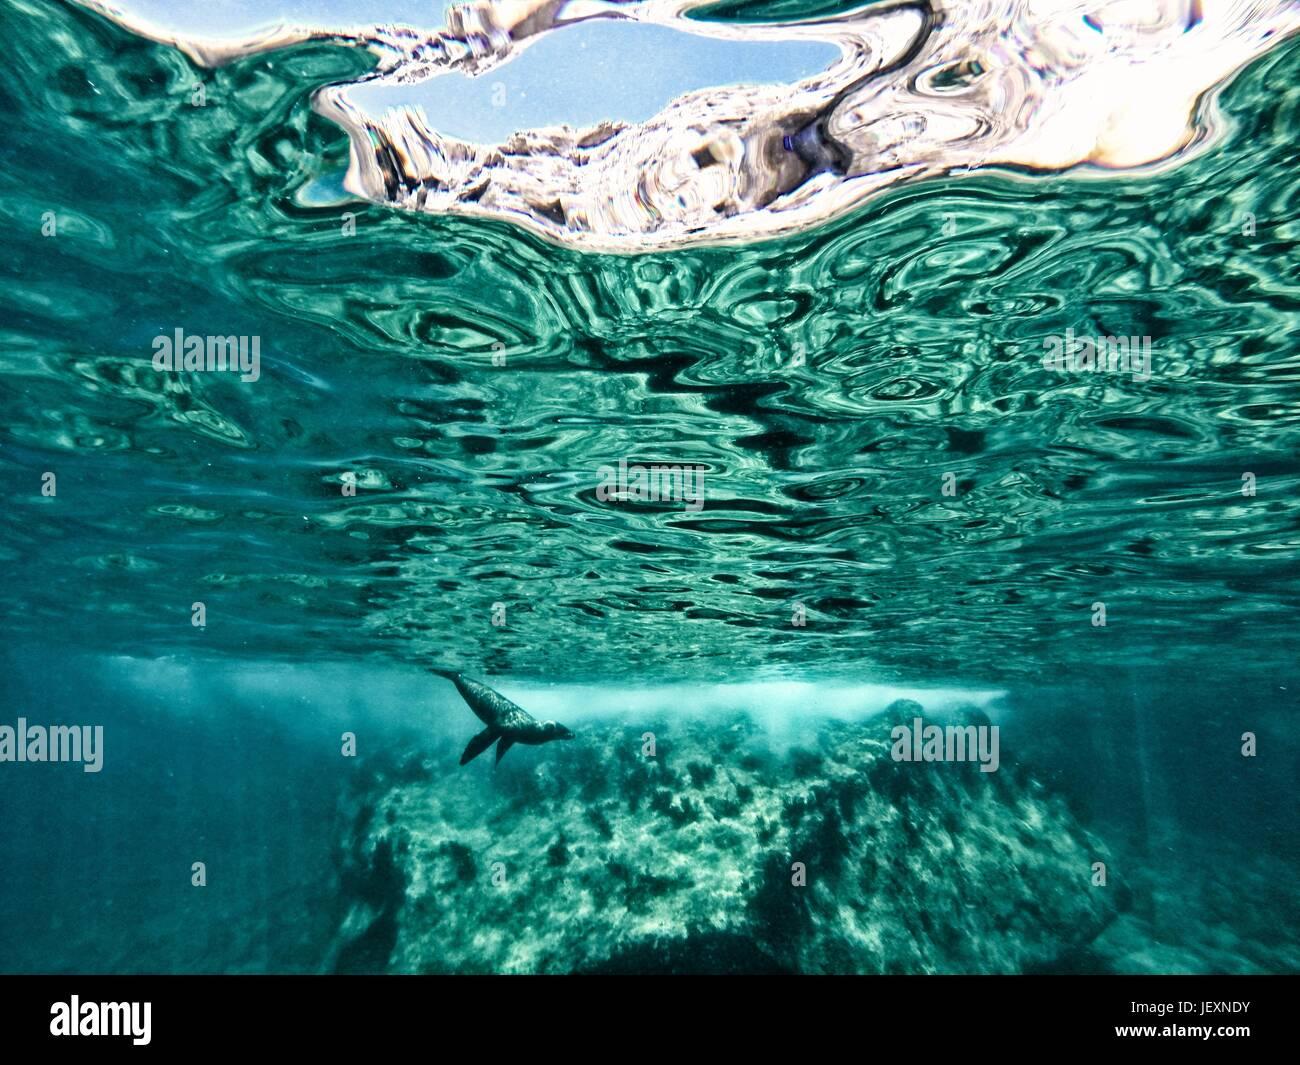 Eine kalifornische Seelöwe, Zalophus Californianus, schwimmt in den Gewässern vor Los Islotes. Stockbild